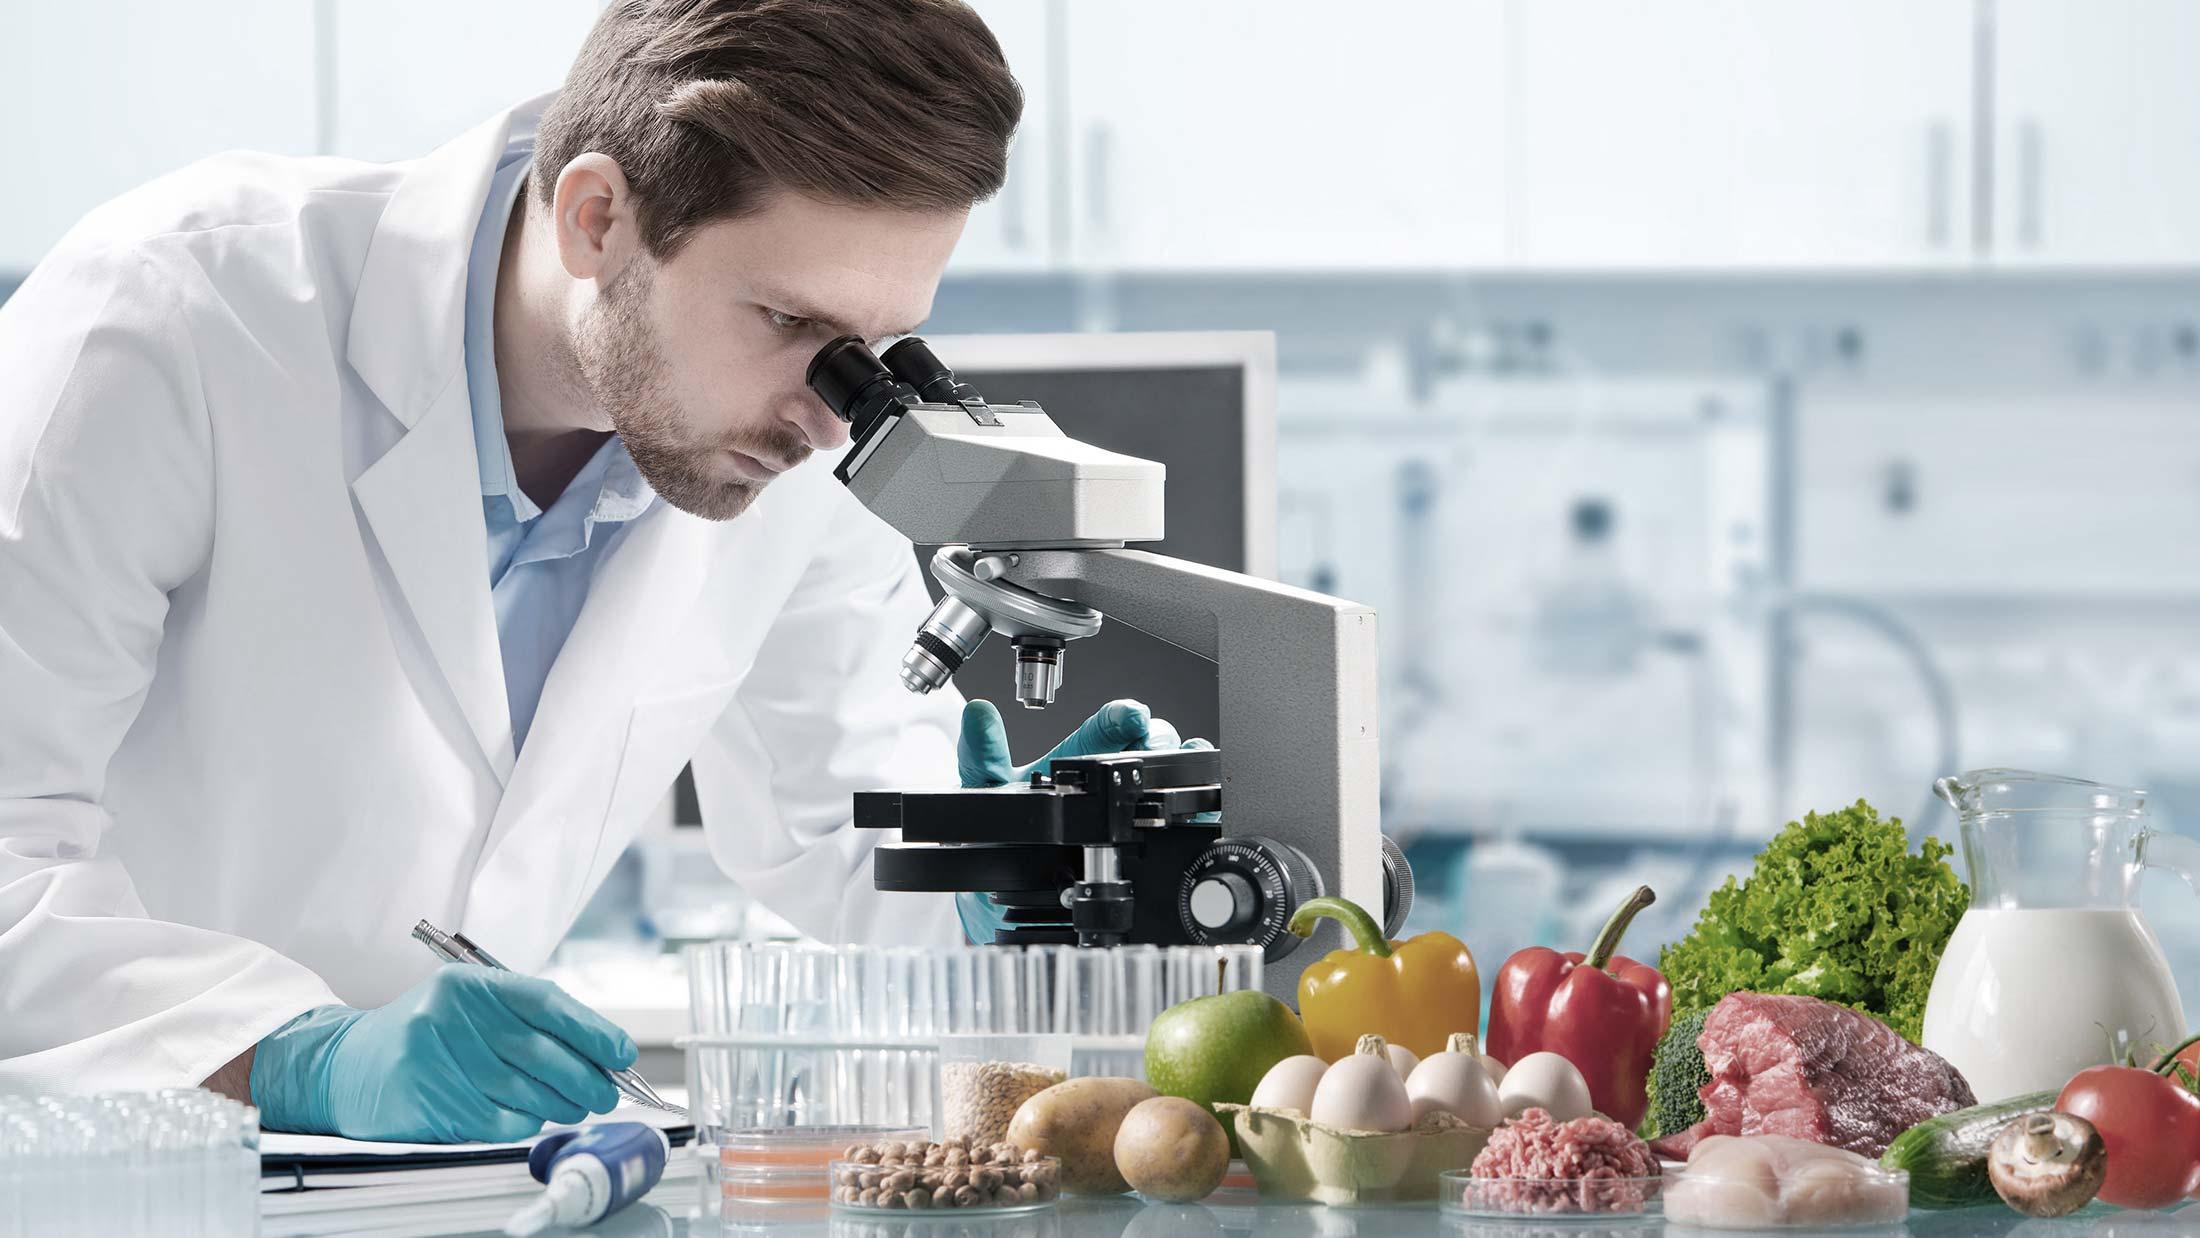 Laboratorio Seguridad Alimentaria Málaga